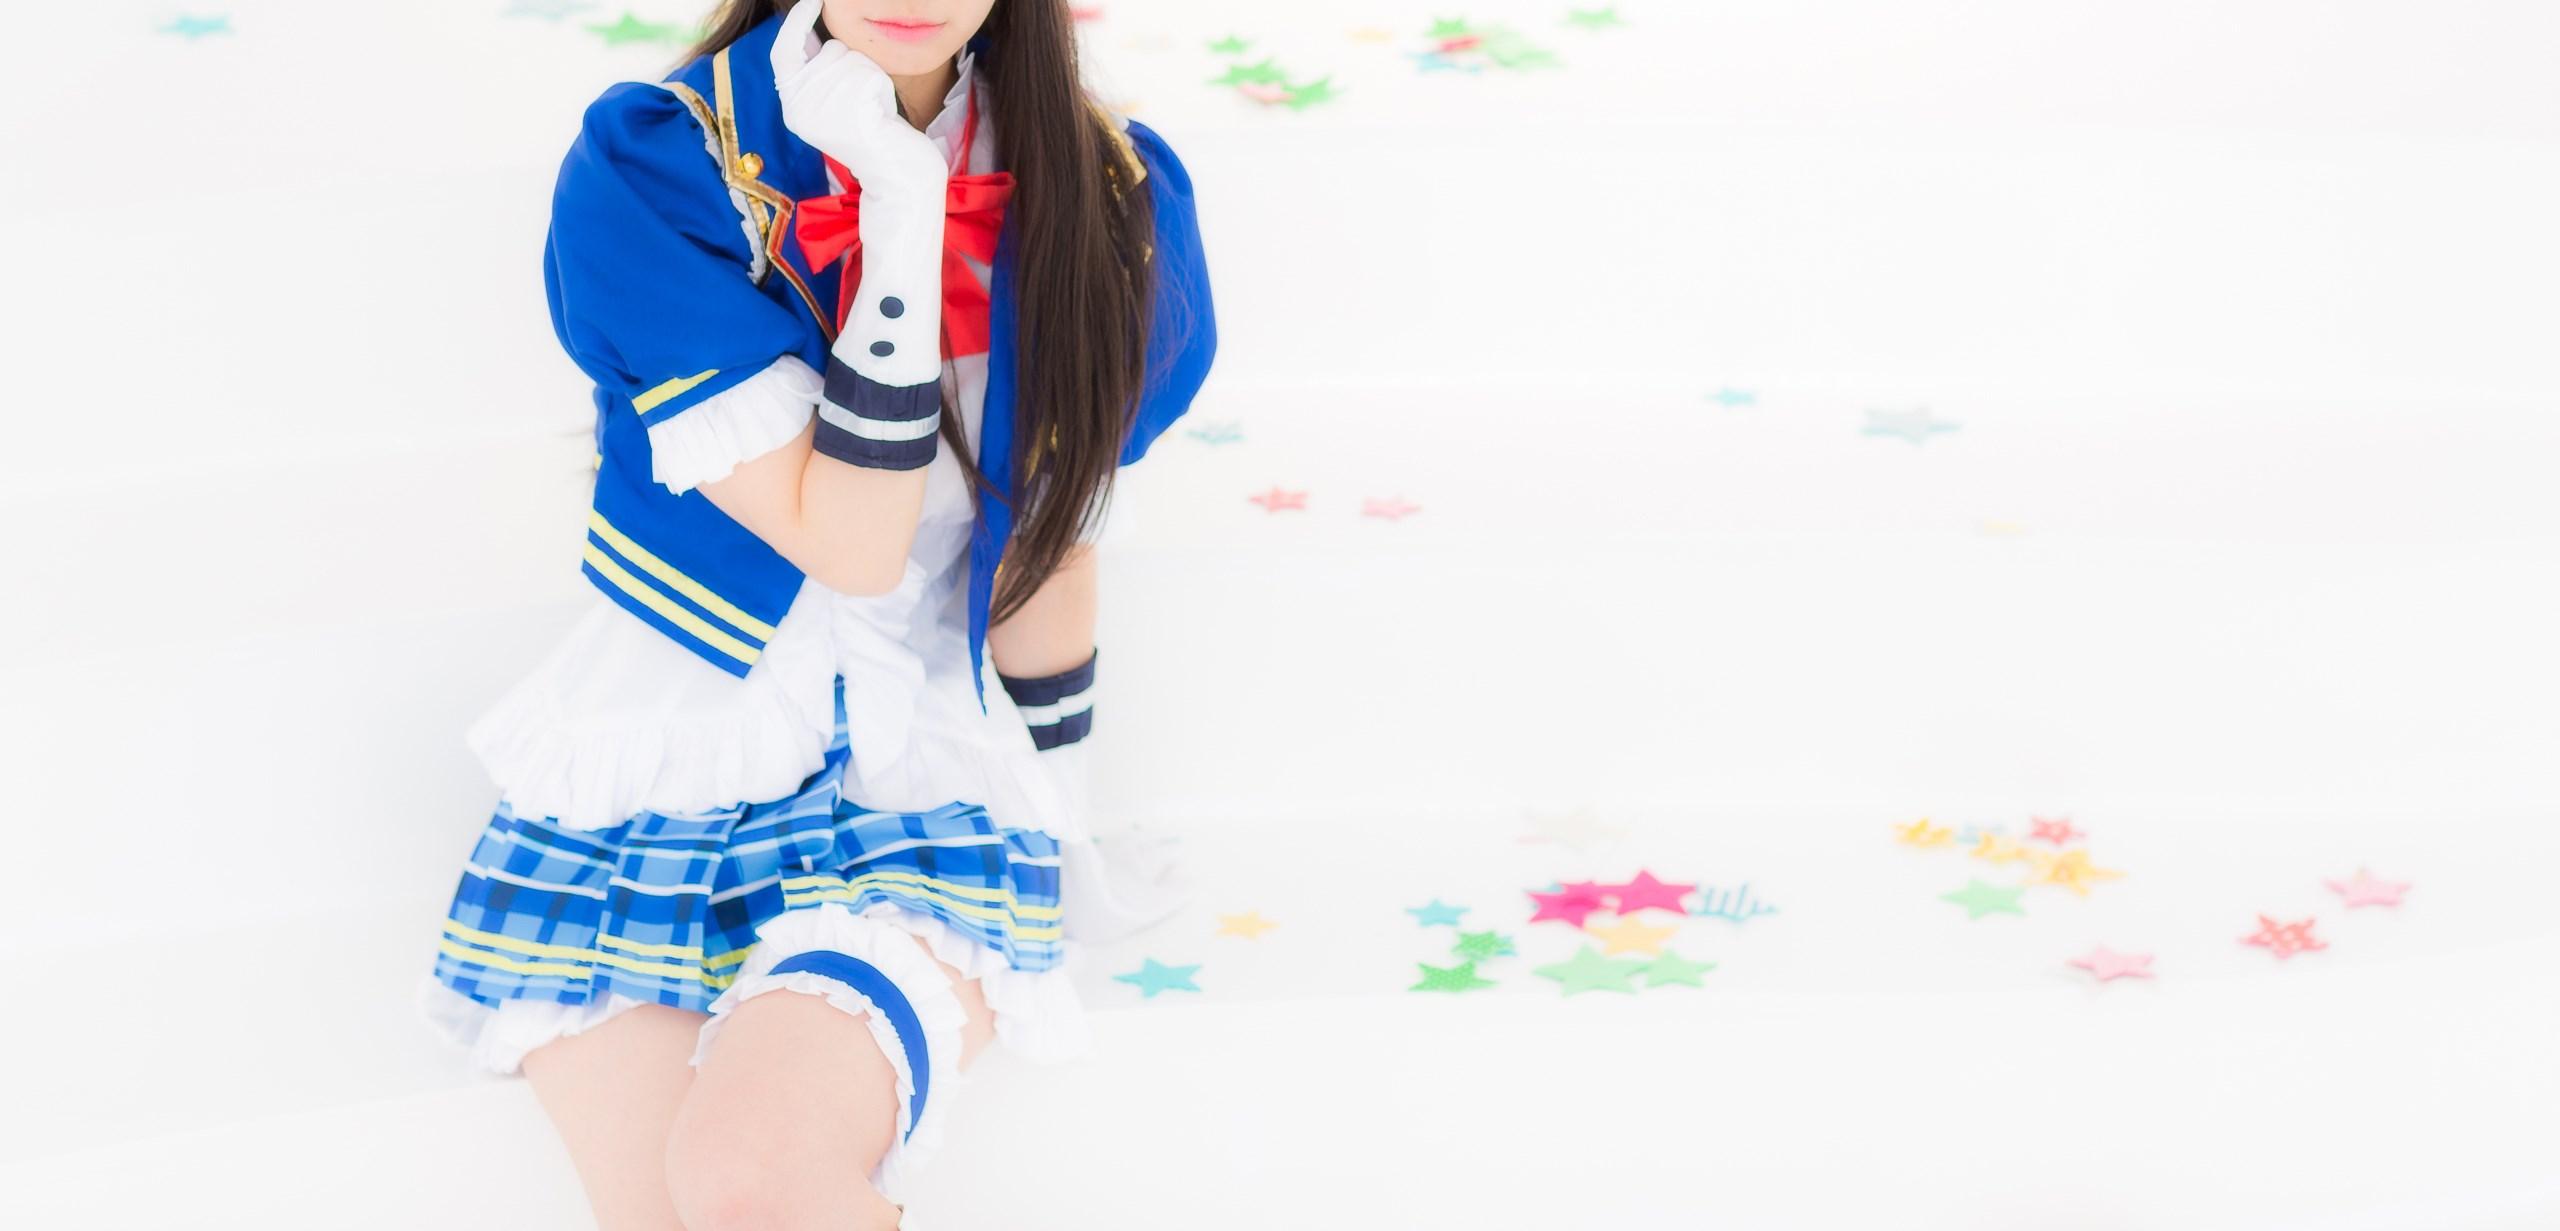 【兔玩映画】少女制服爱豆 兔玩映画 第15张